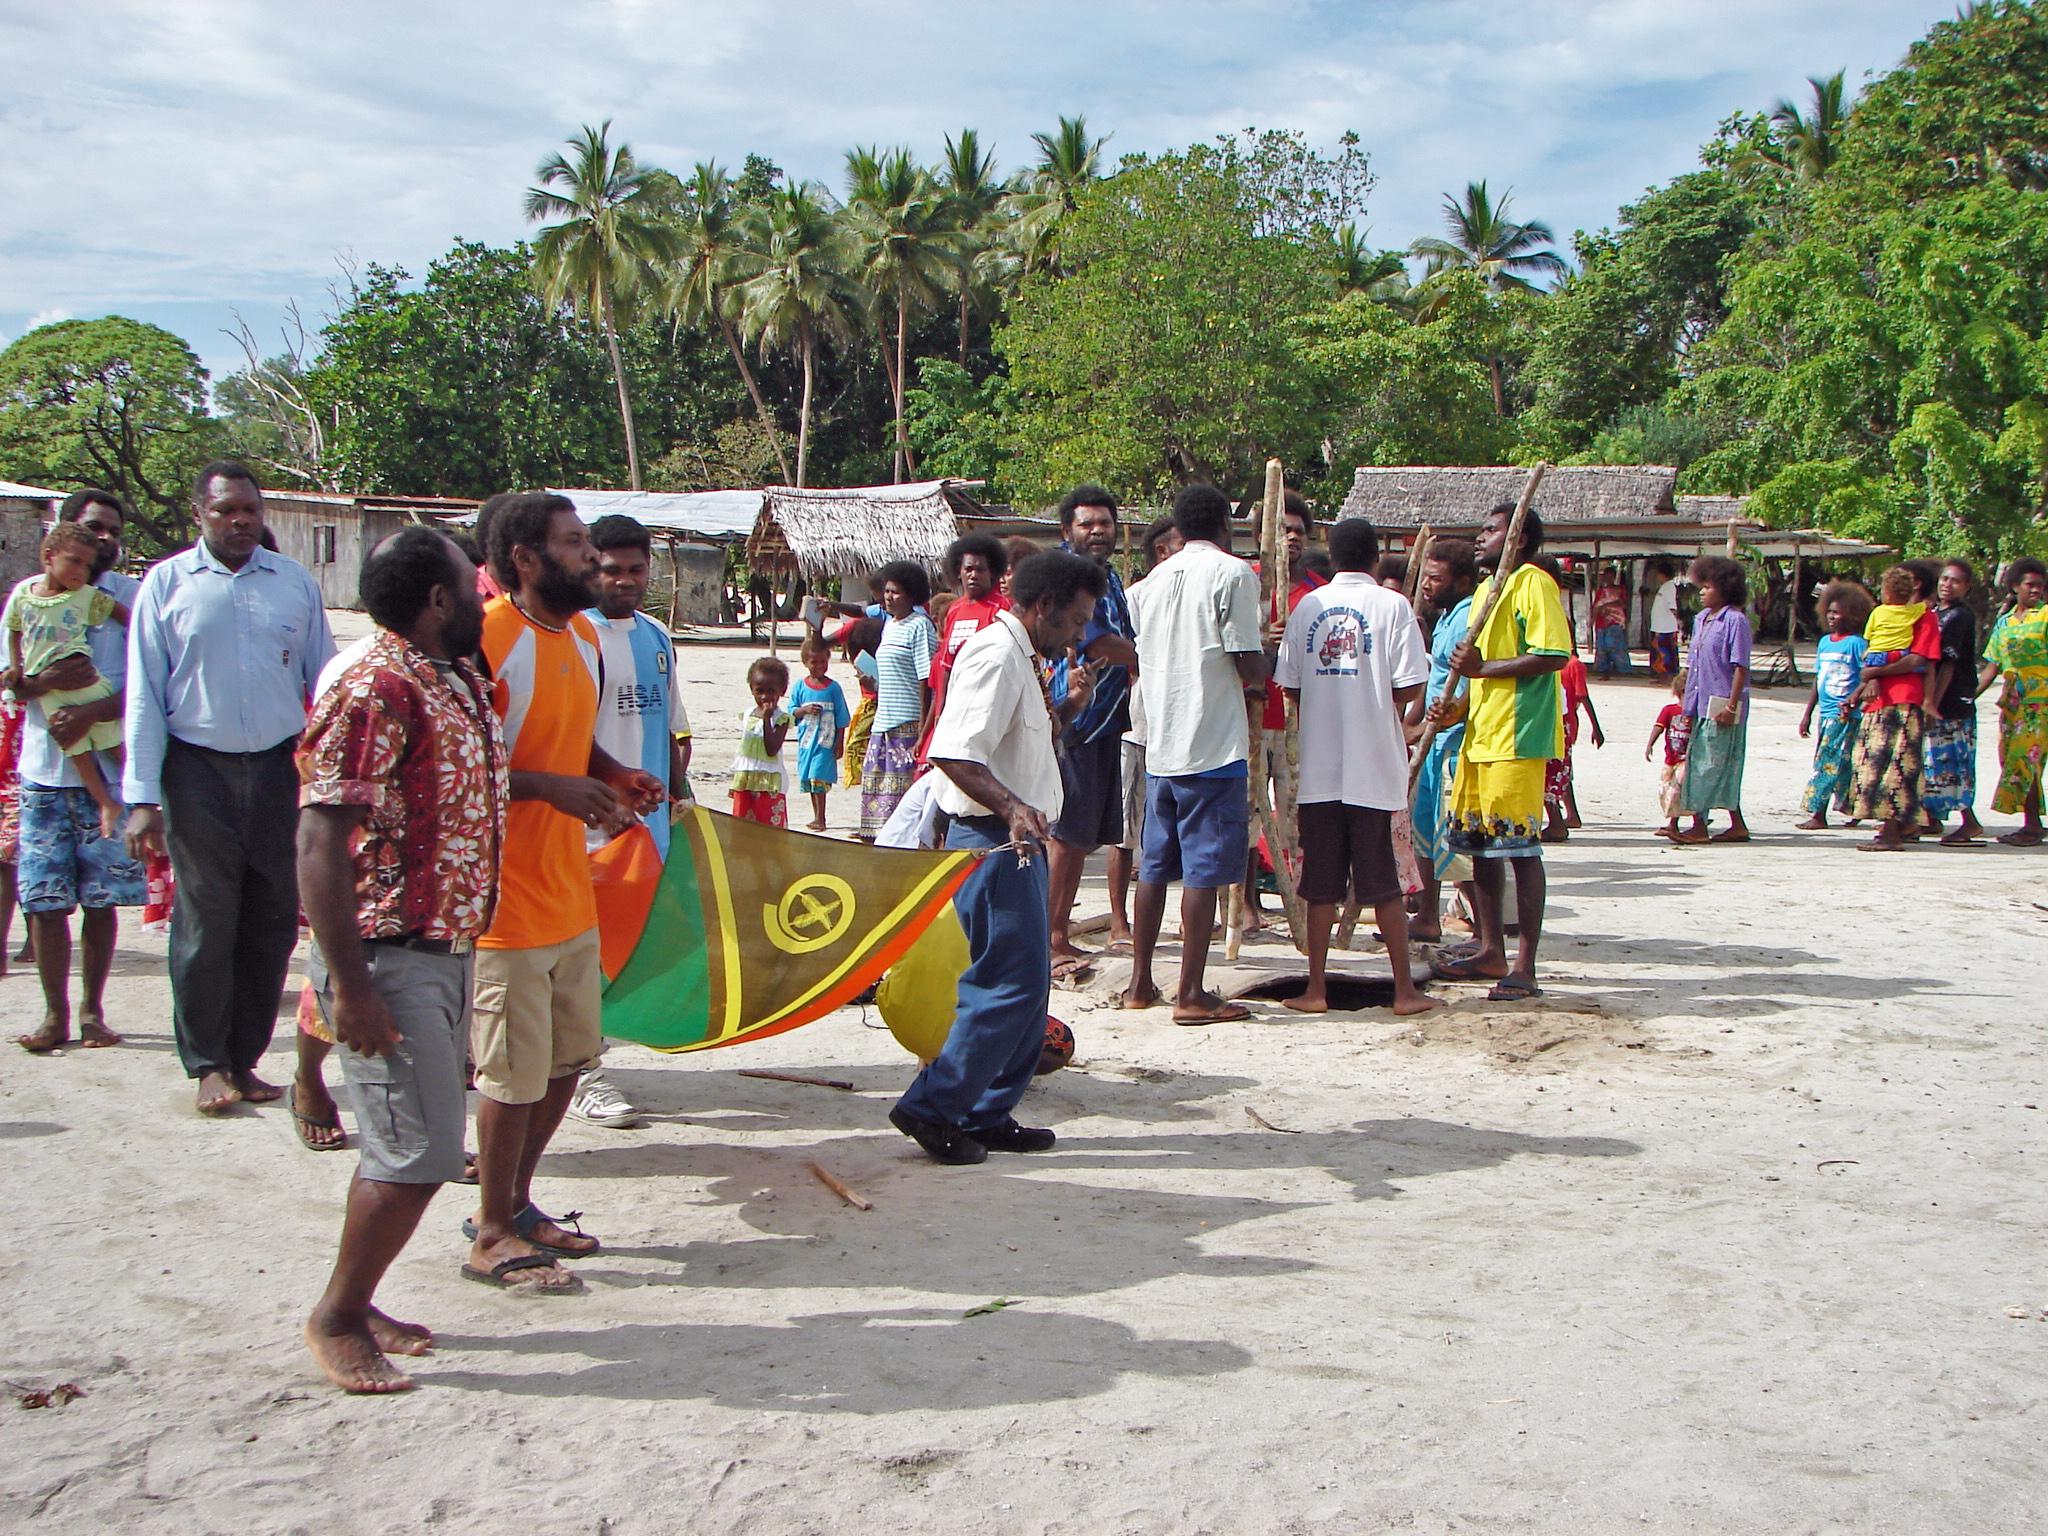 L'indépendance du Vanuatu est célébrée dans tout le pays le 30 juillet. À Hiw, des musiciens chantent le newēt, tandis que les chefs dancent autour de la place en arborant le drapeau national, juillet 2007. Photo Alexandre François